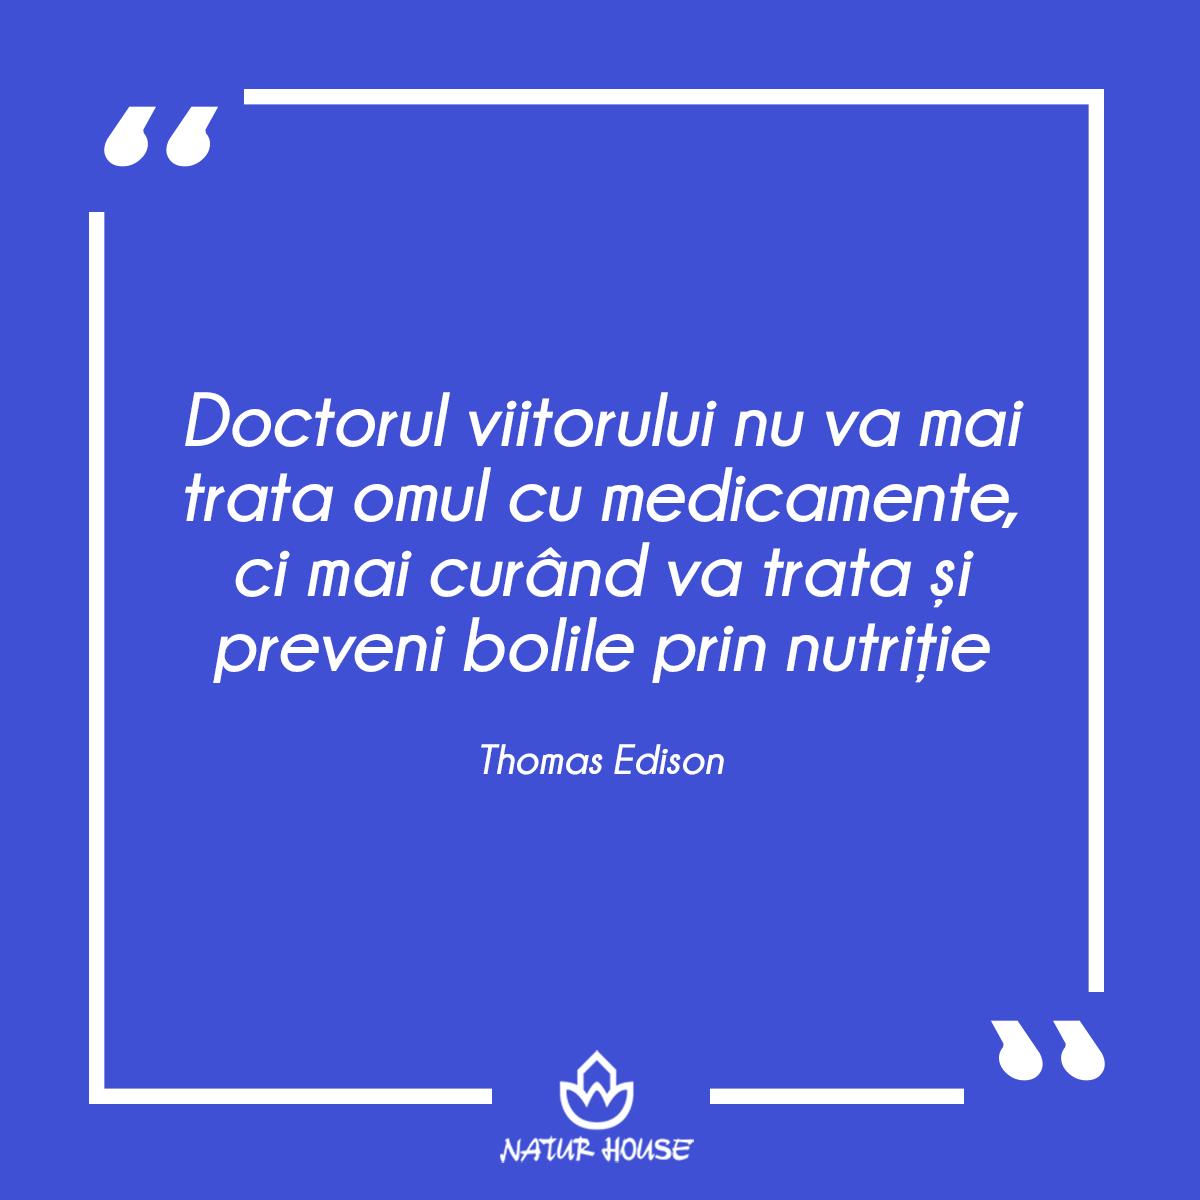 citate sanatate citate #sănătate #motivație #inspirație | tastatură citate sanatate